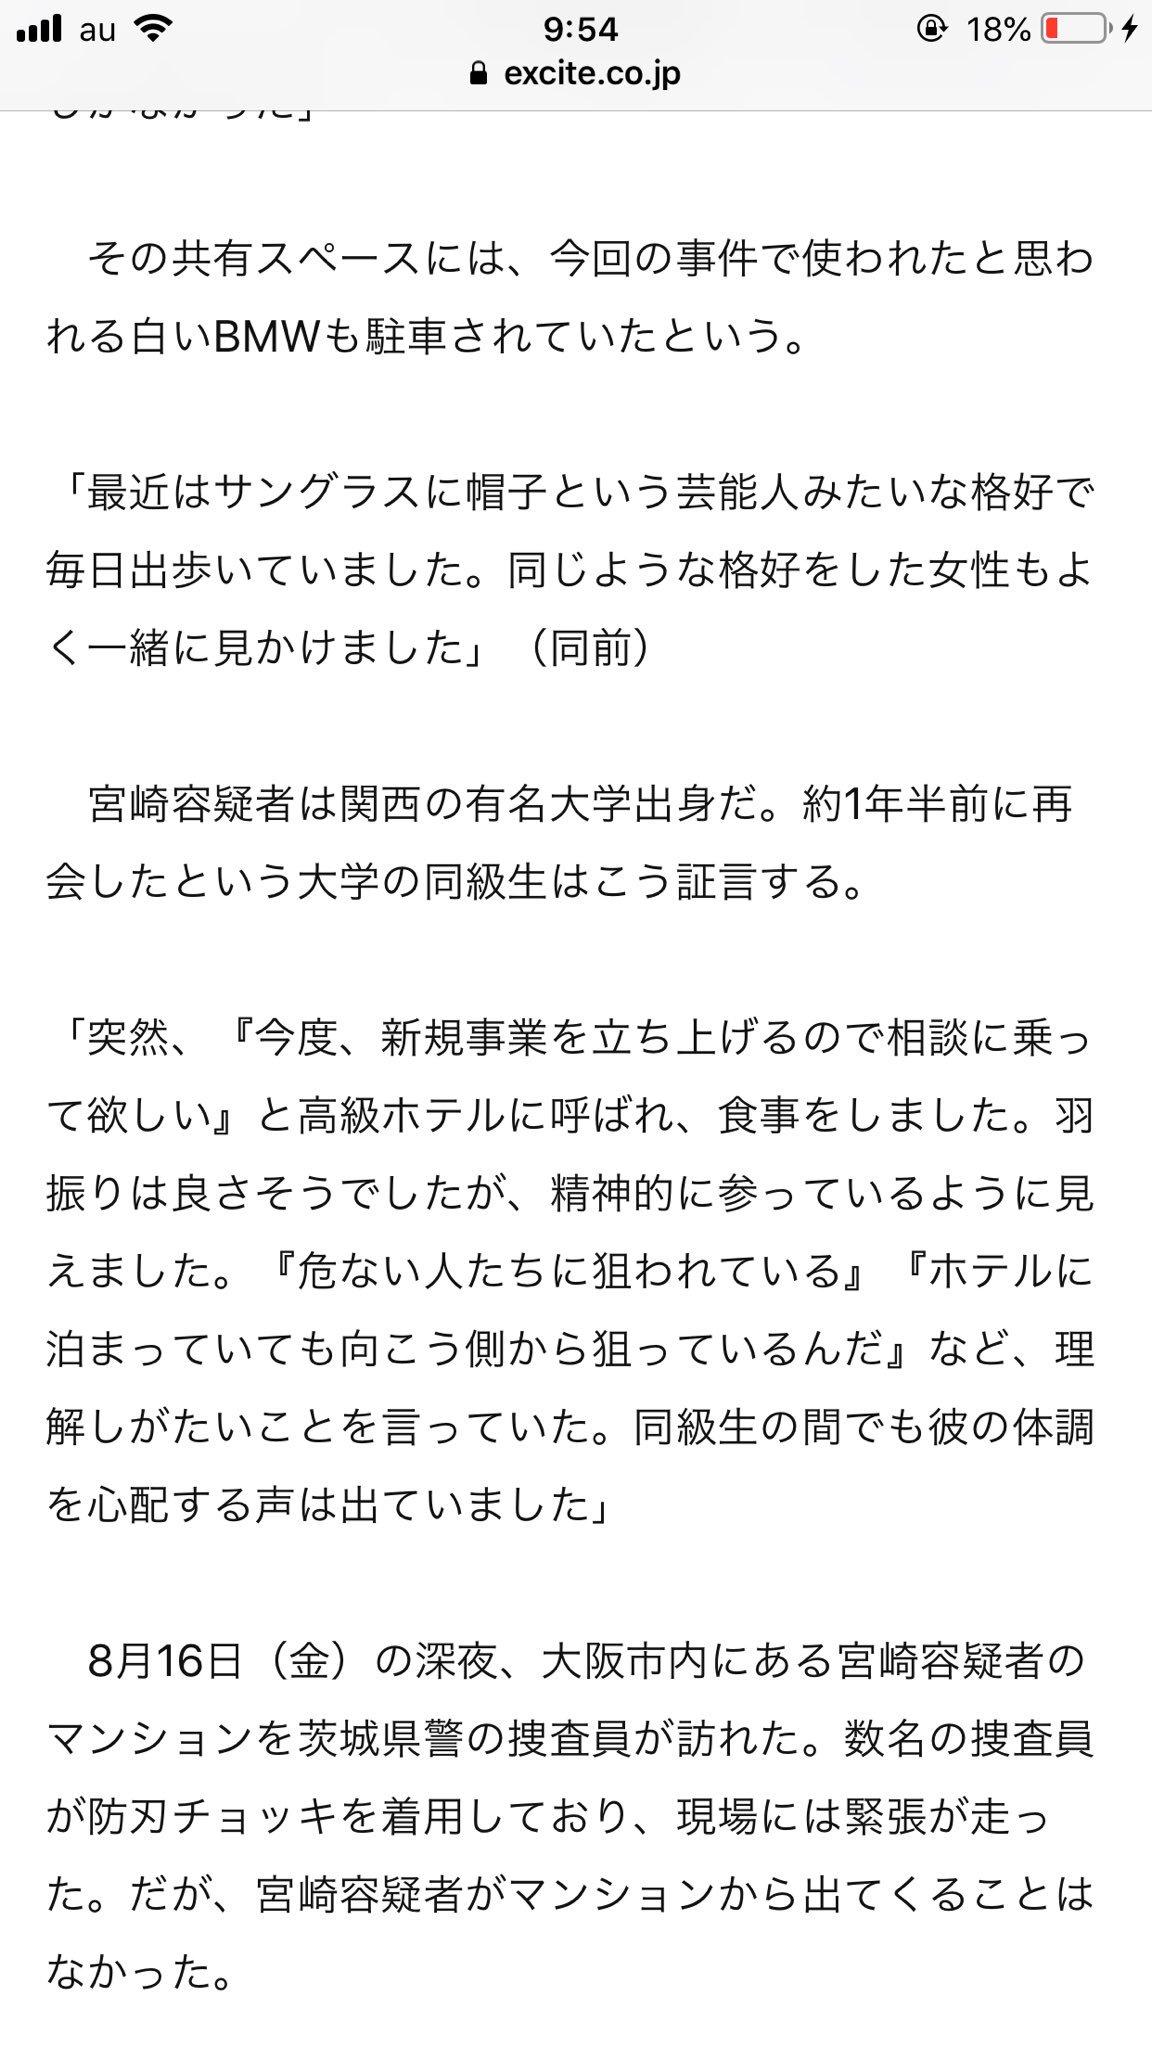 宮崎 容疑 大学